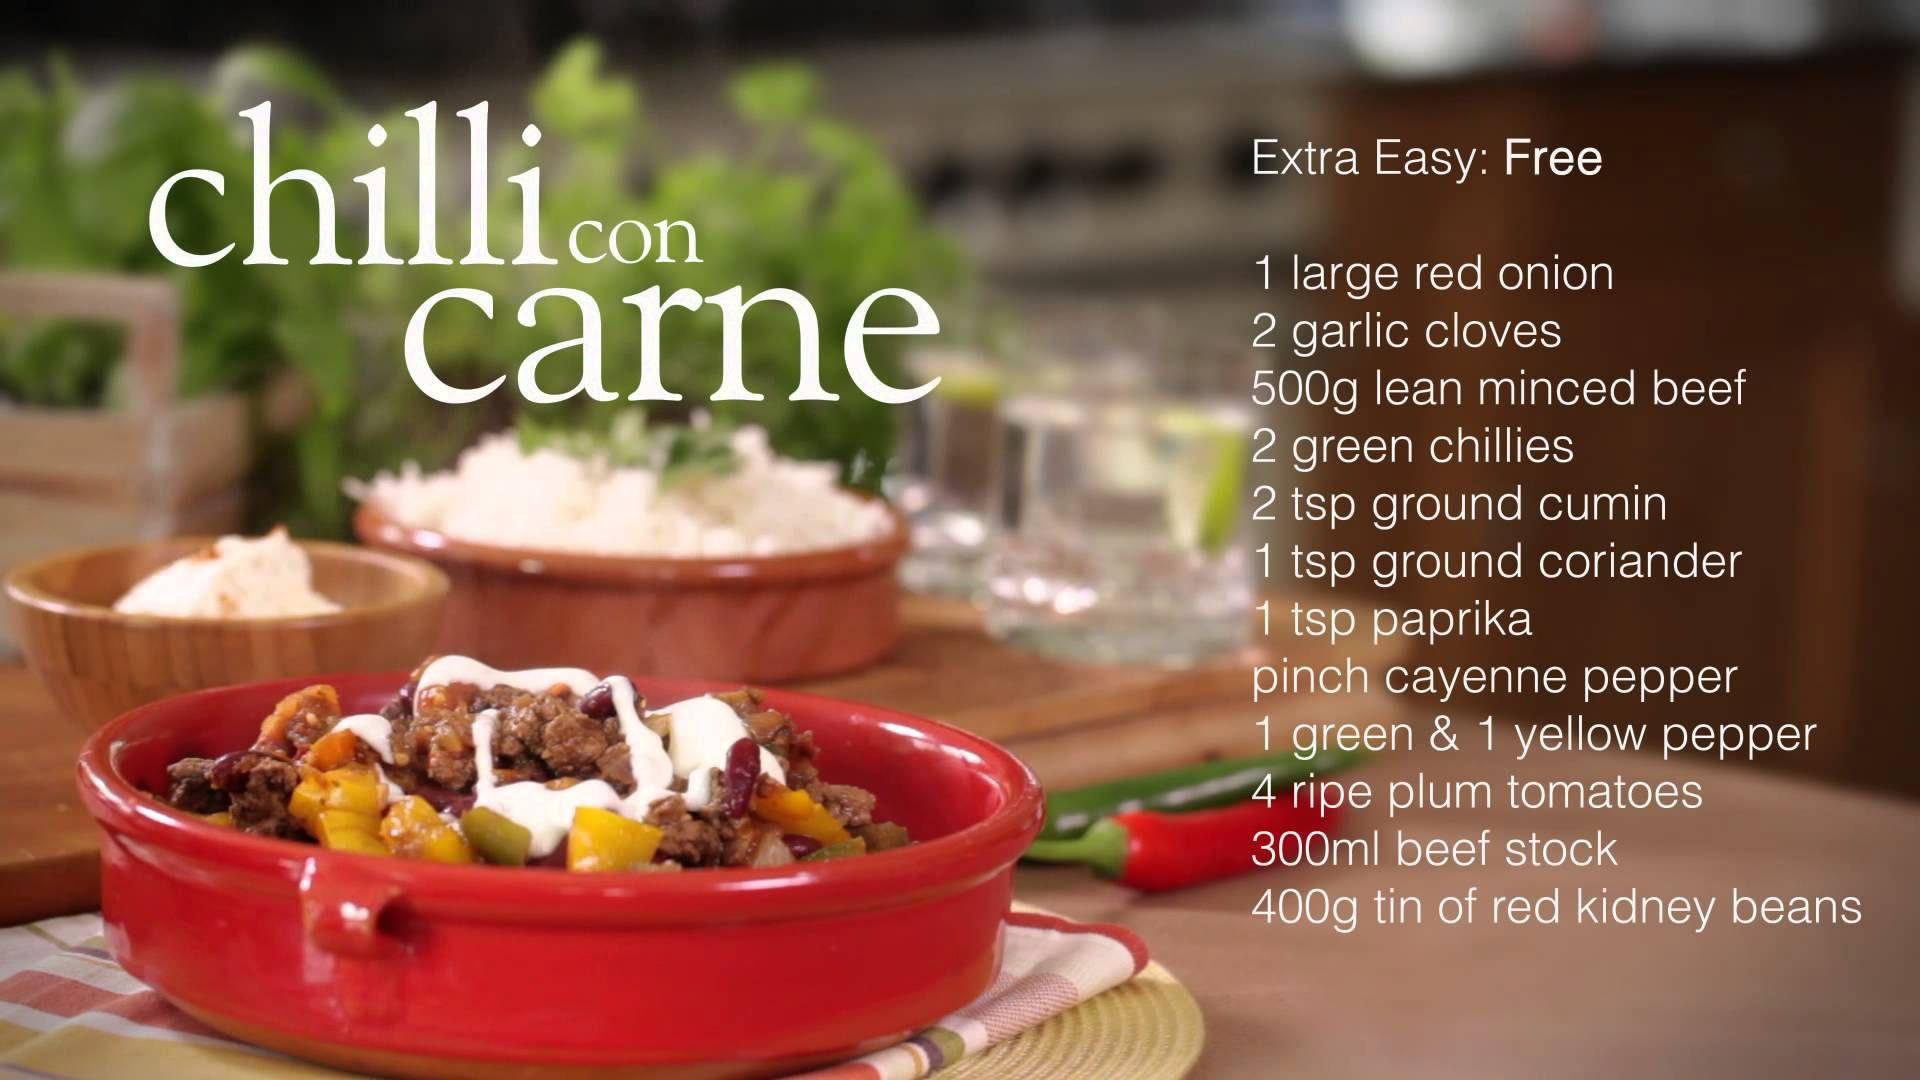 slimming w9rld chilli con carne)